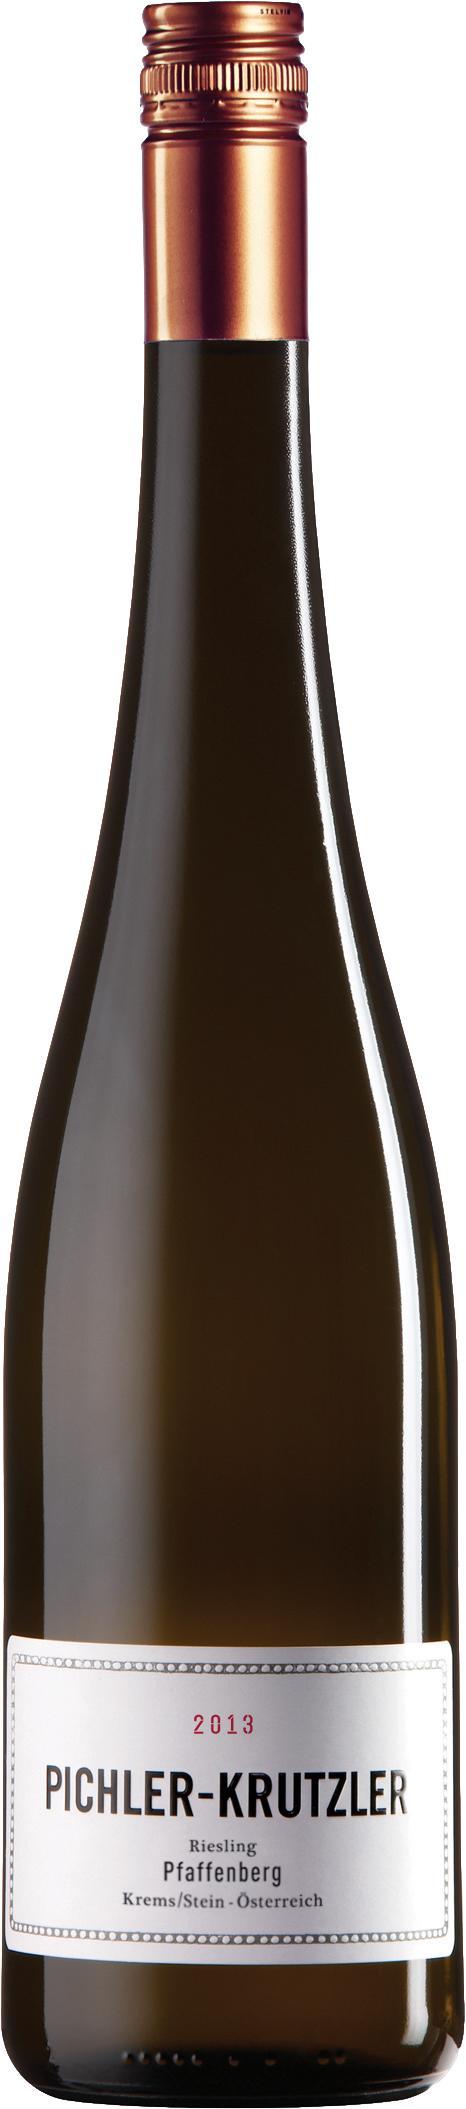 Pfaffenberg flaskbild